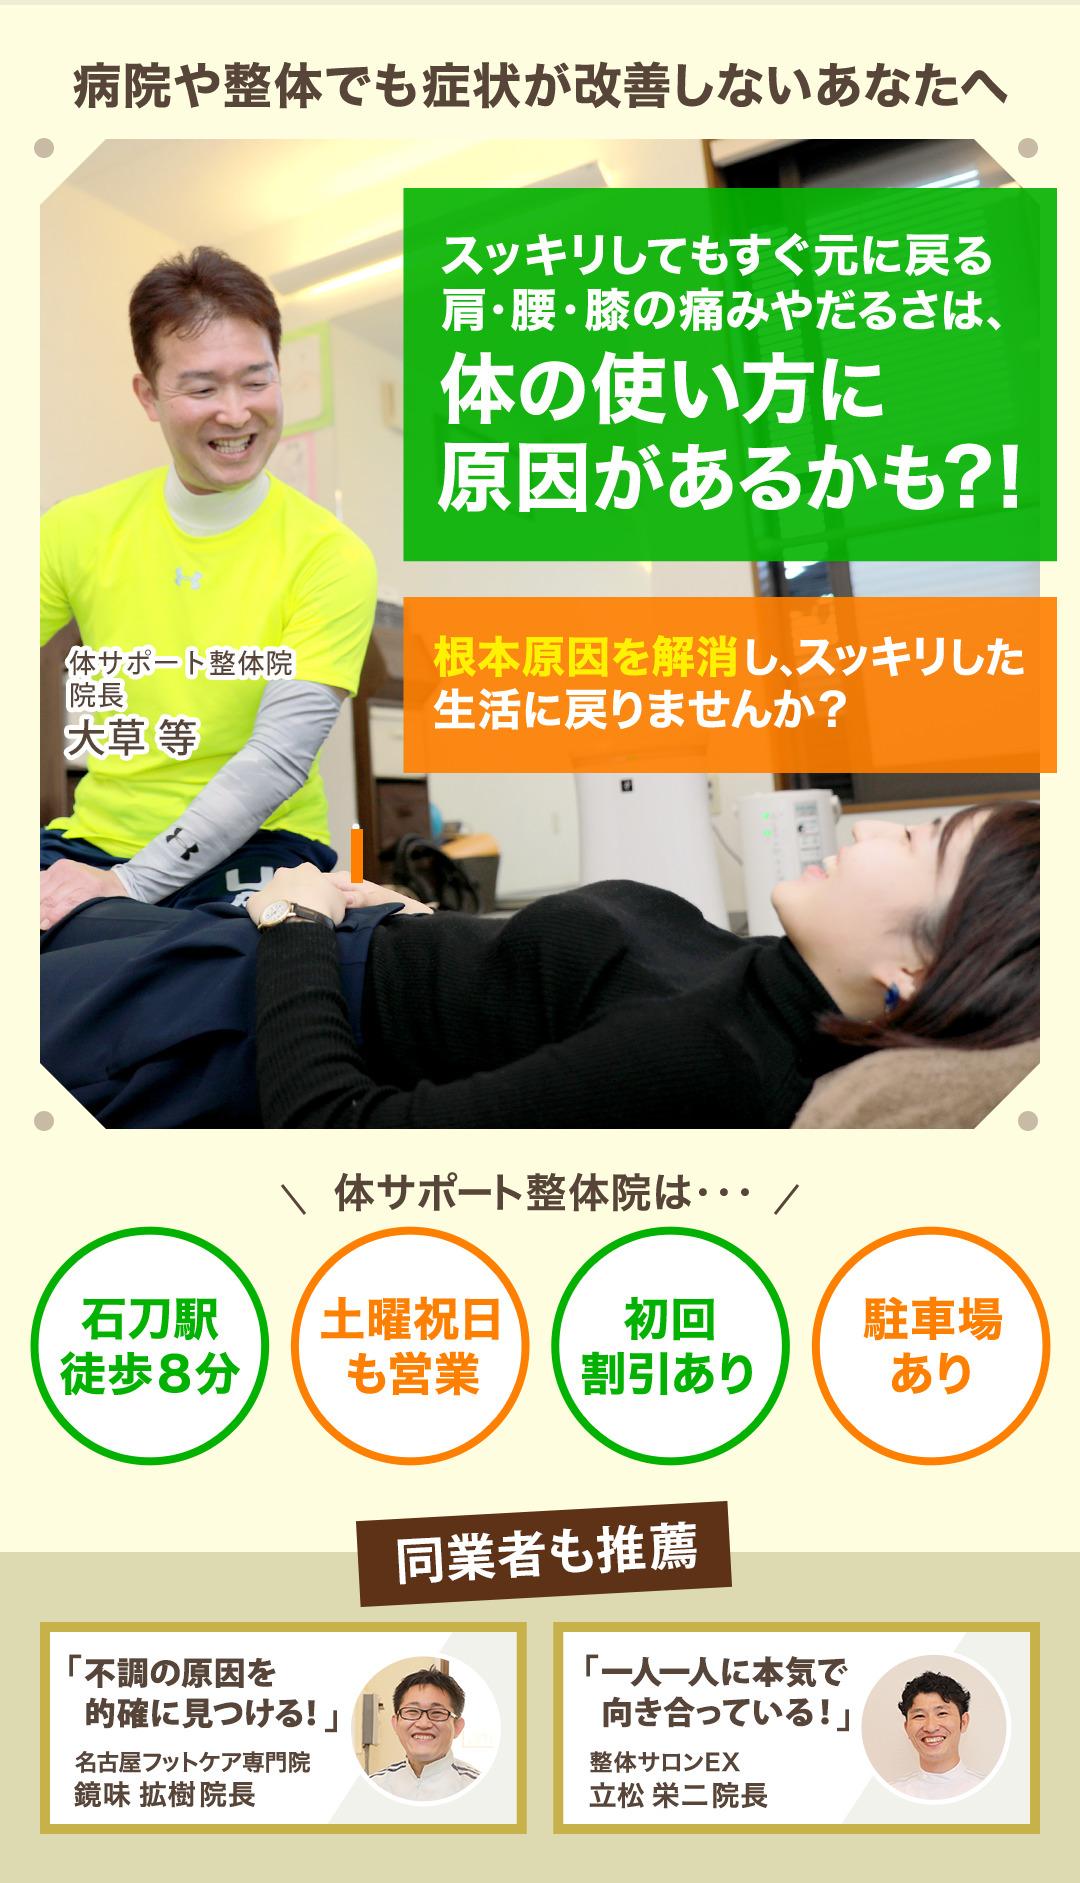 スッキリしてもすぐ元に戻る 肩・腰・膝の痛みやだるさは、体の使い方に 原因があるかも?!根本原因を解消し、スッキリした 生活に戻りませんか?